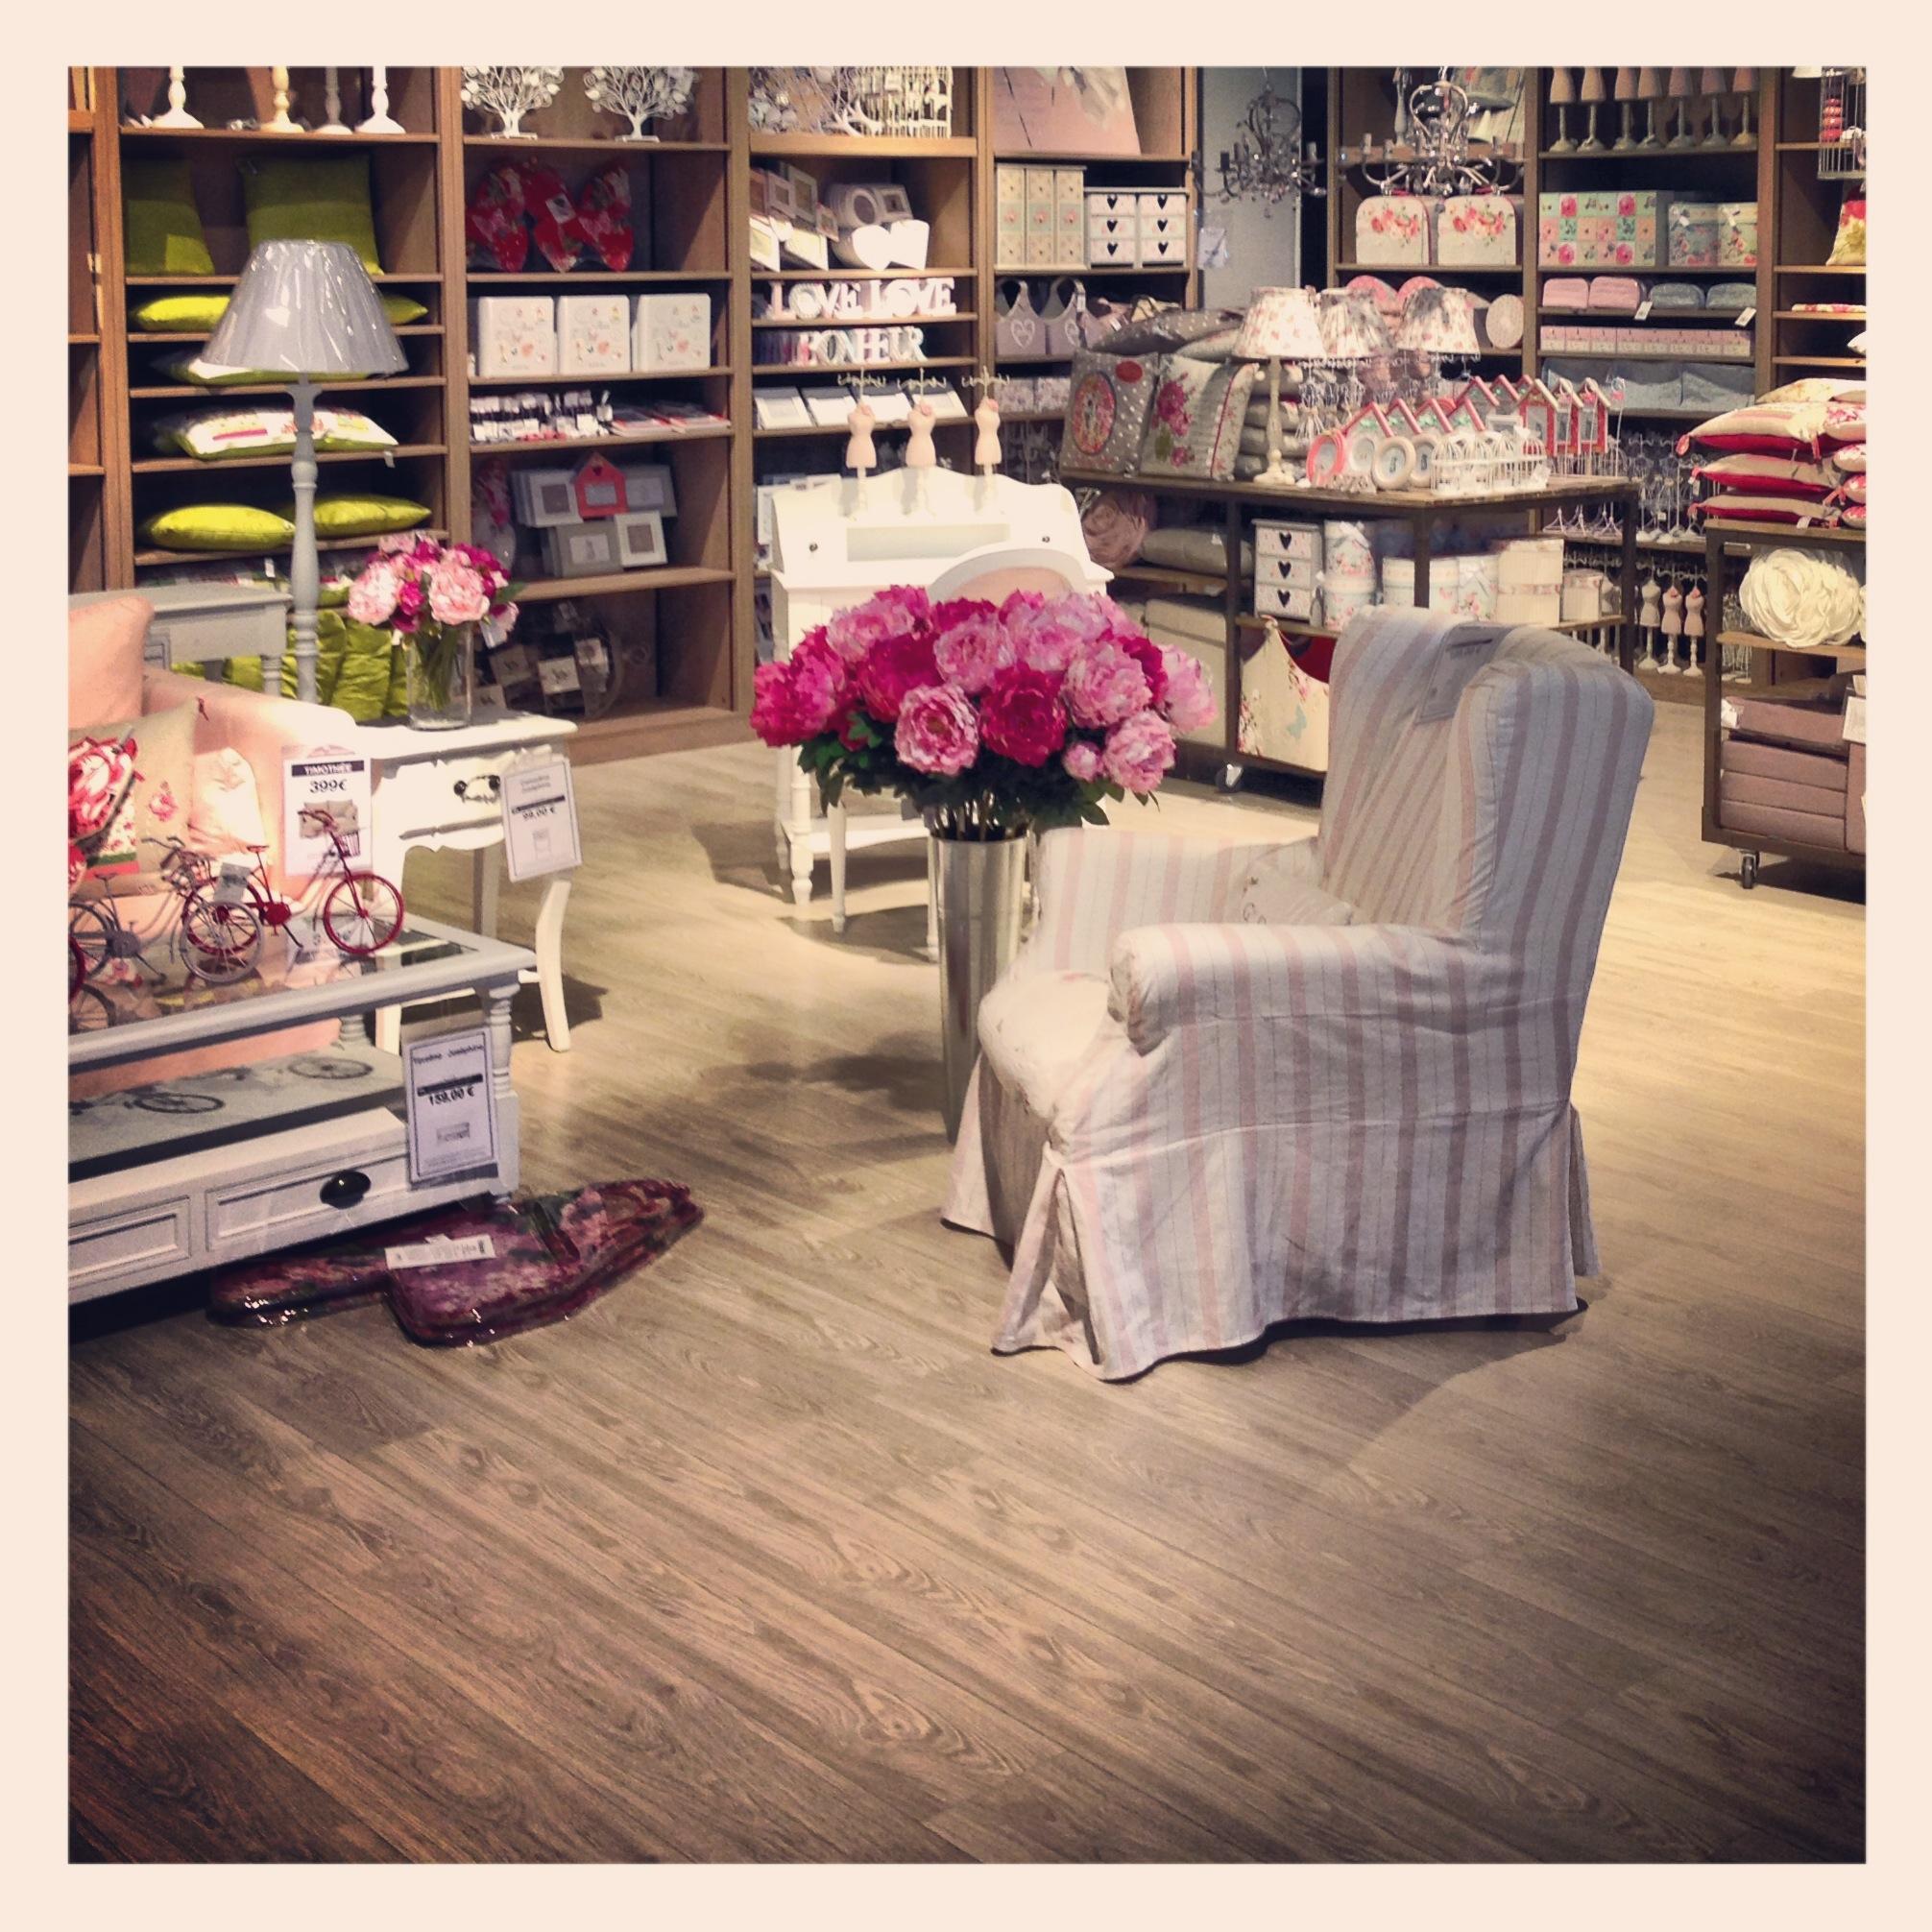 Il paese dei balocchi pepe rosa for Catena negozi arredamento casa